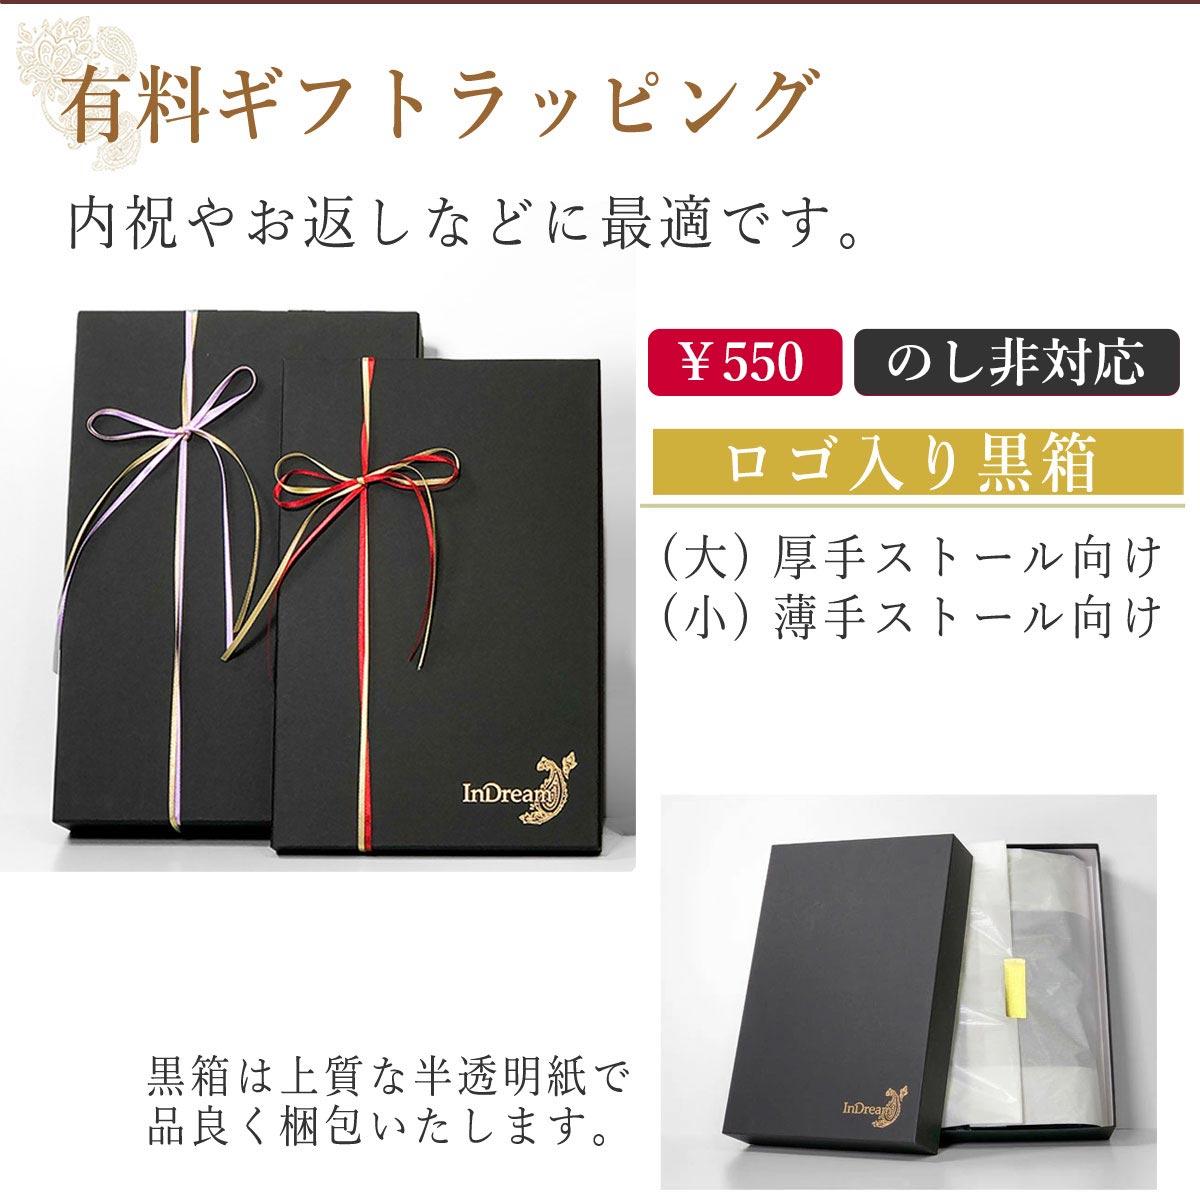 有料ギフトサービス【550円】 のし対応 ギフト箱ラッピング